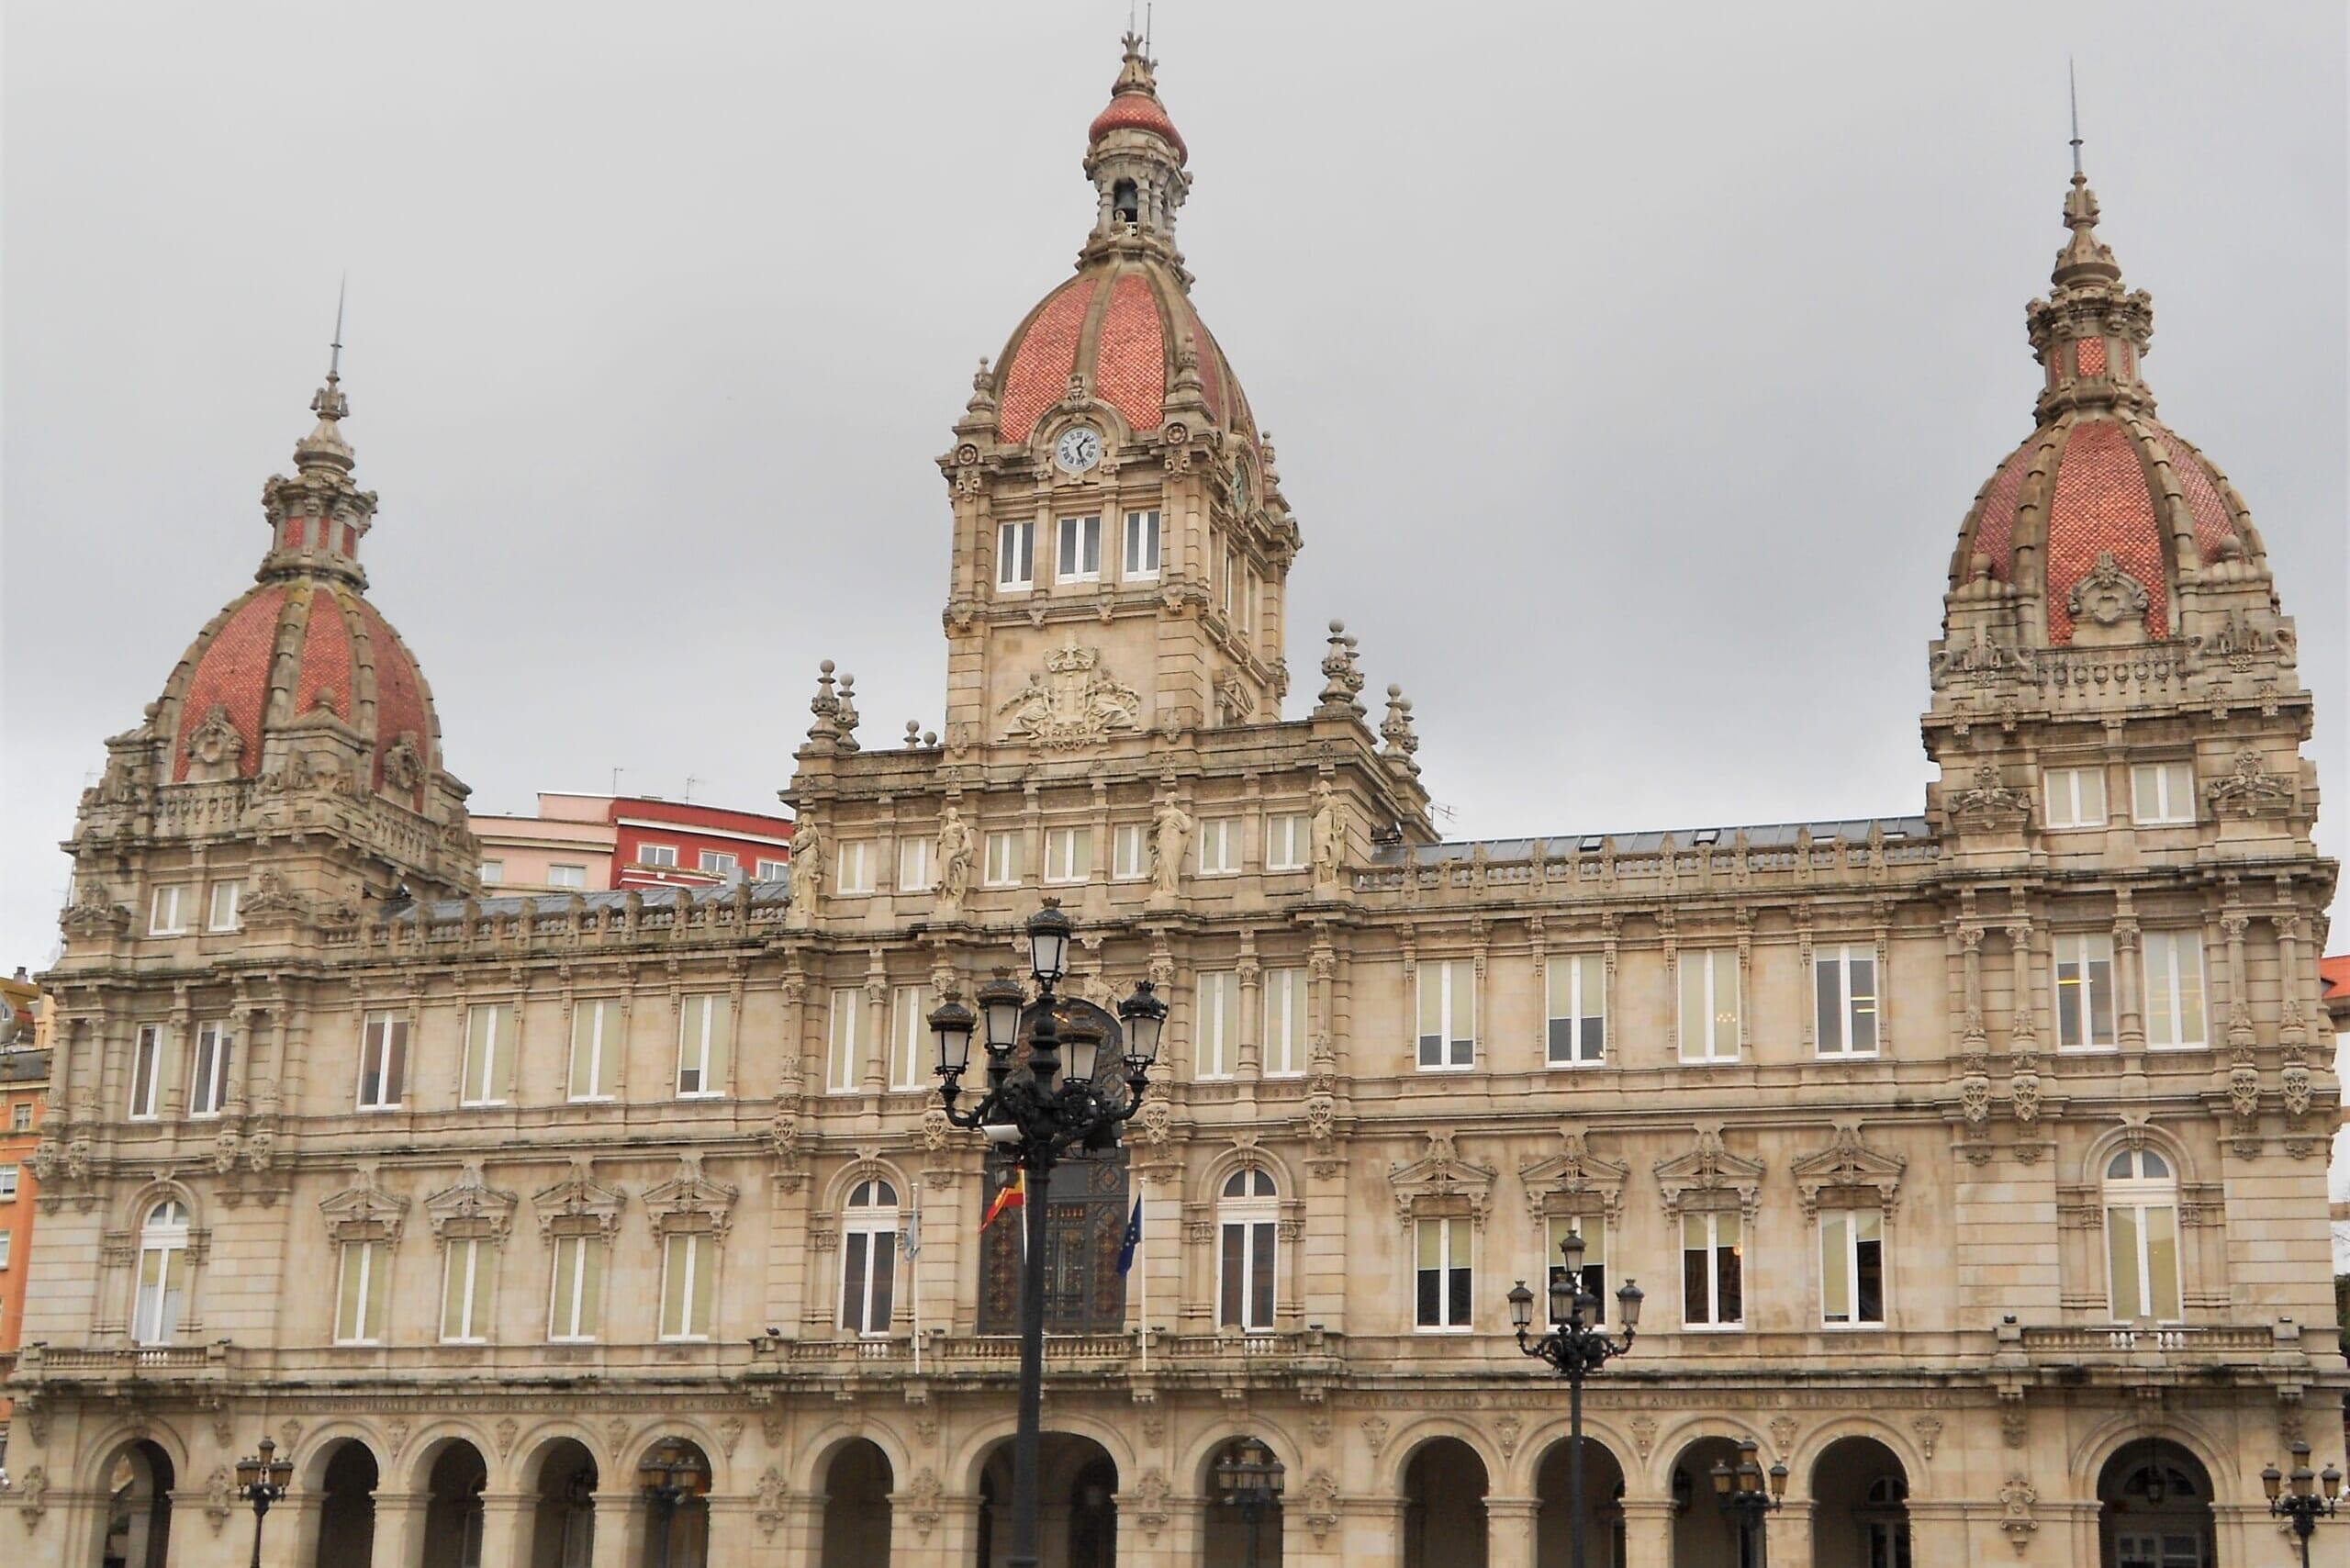 北スペインの観光スポットであるガリシアのア・コルーニャのマリア・ピタ広場